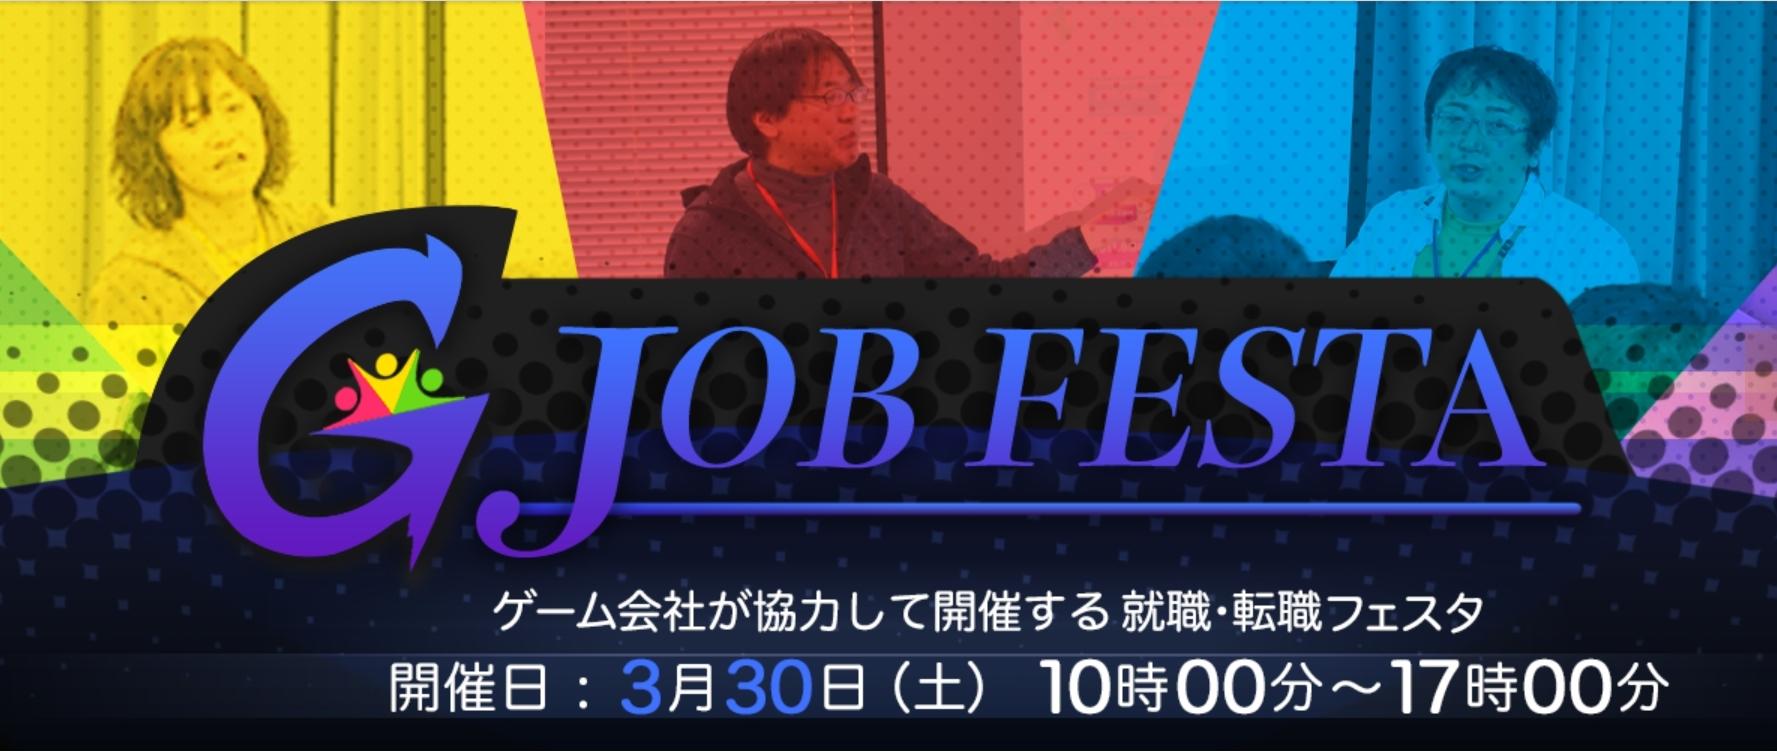 ゲーム会社十数社が共同開催の採用イベント「ゲーム業界就職・転職イベント G JOB FESTA TOKYO 2019」に出展